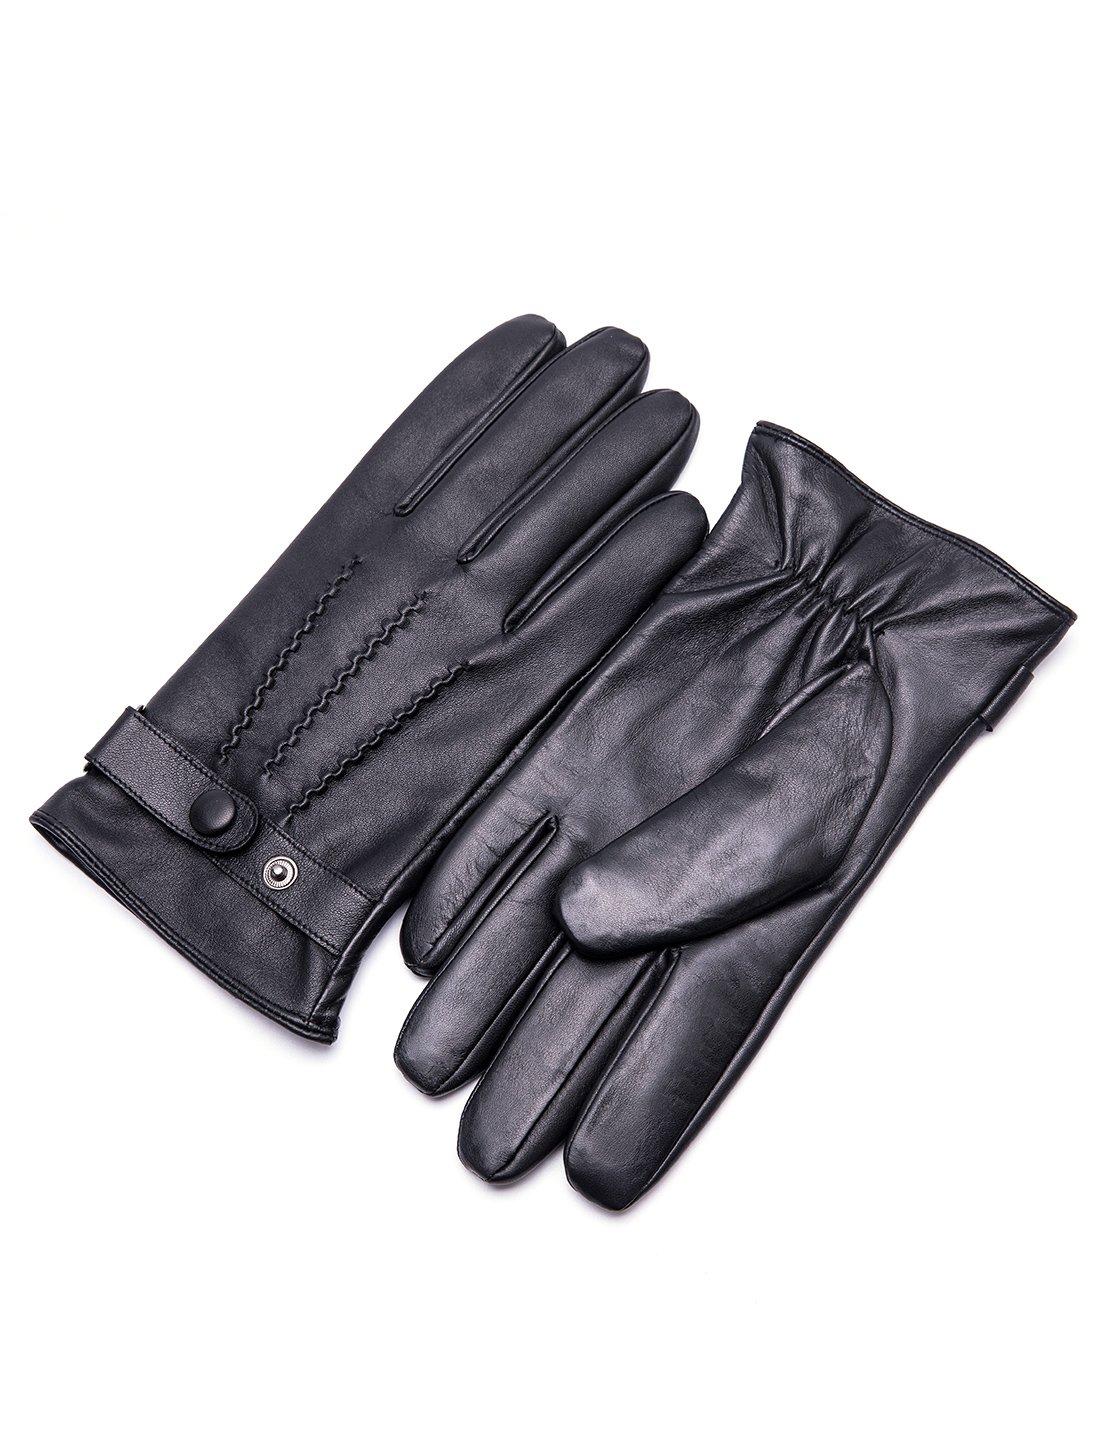 YISEVEN Men's Touchscreen Warm Fleece Fur Lined Sheepskin Leather Gloves